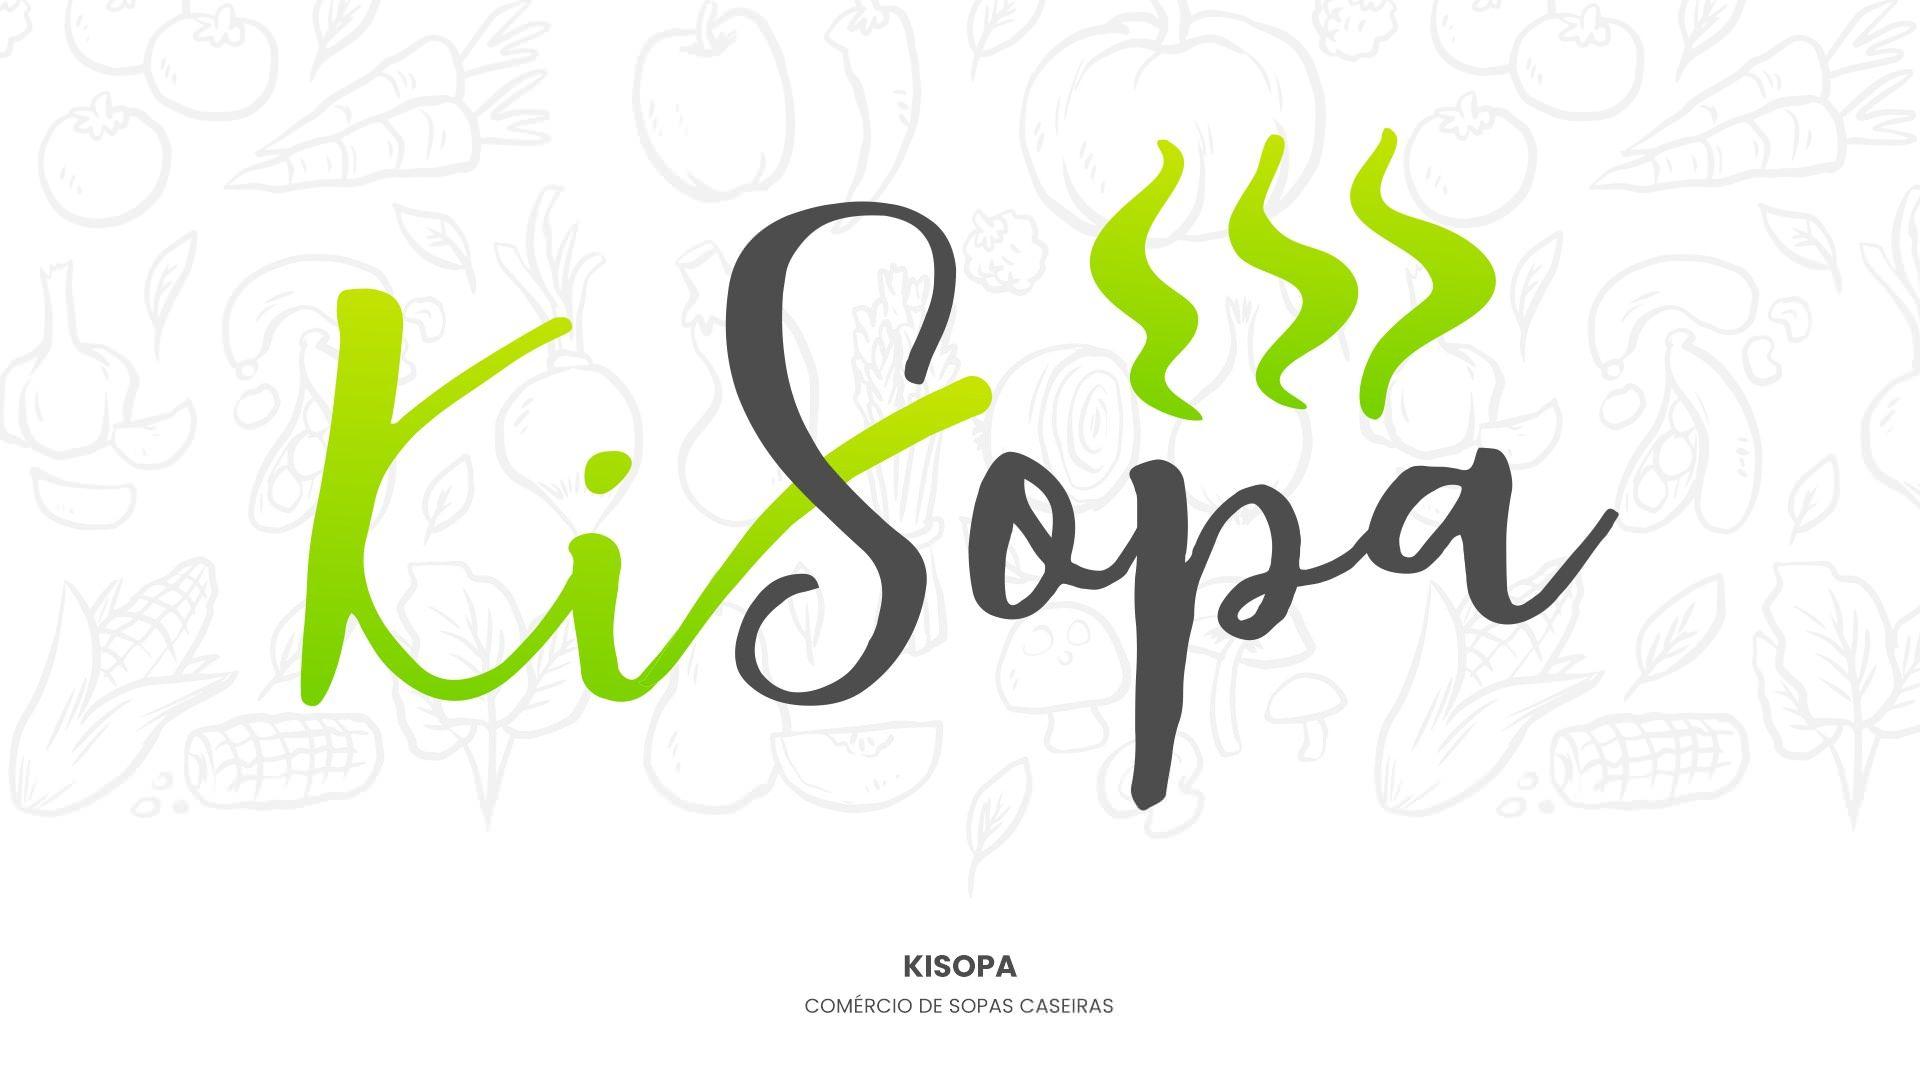 kisopa